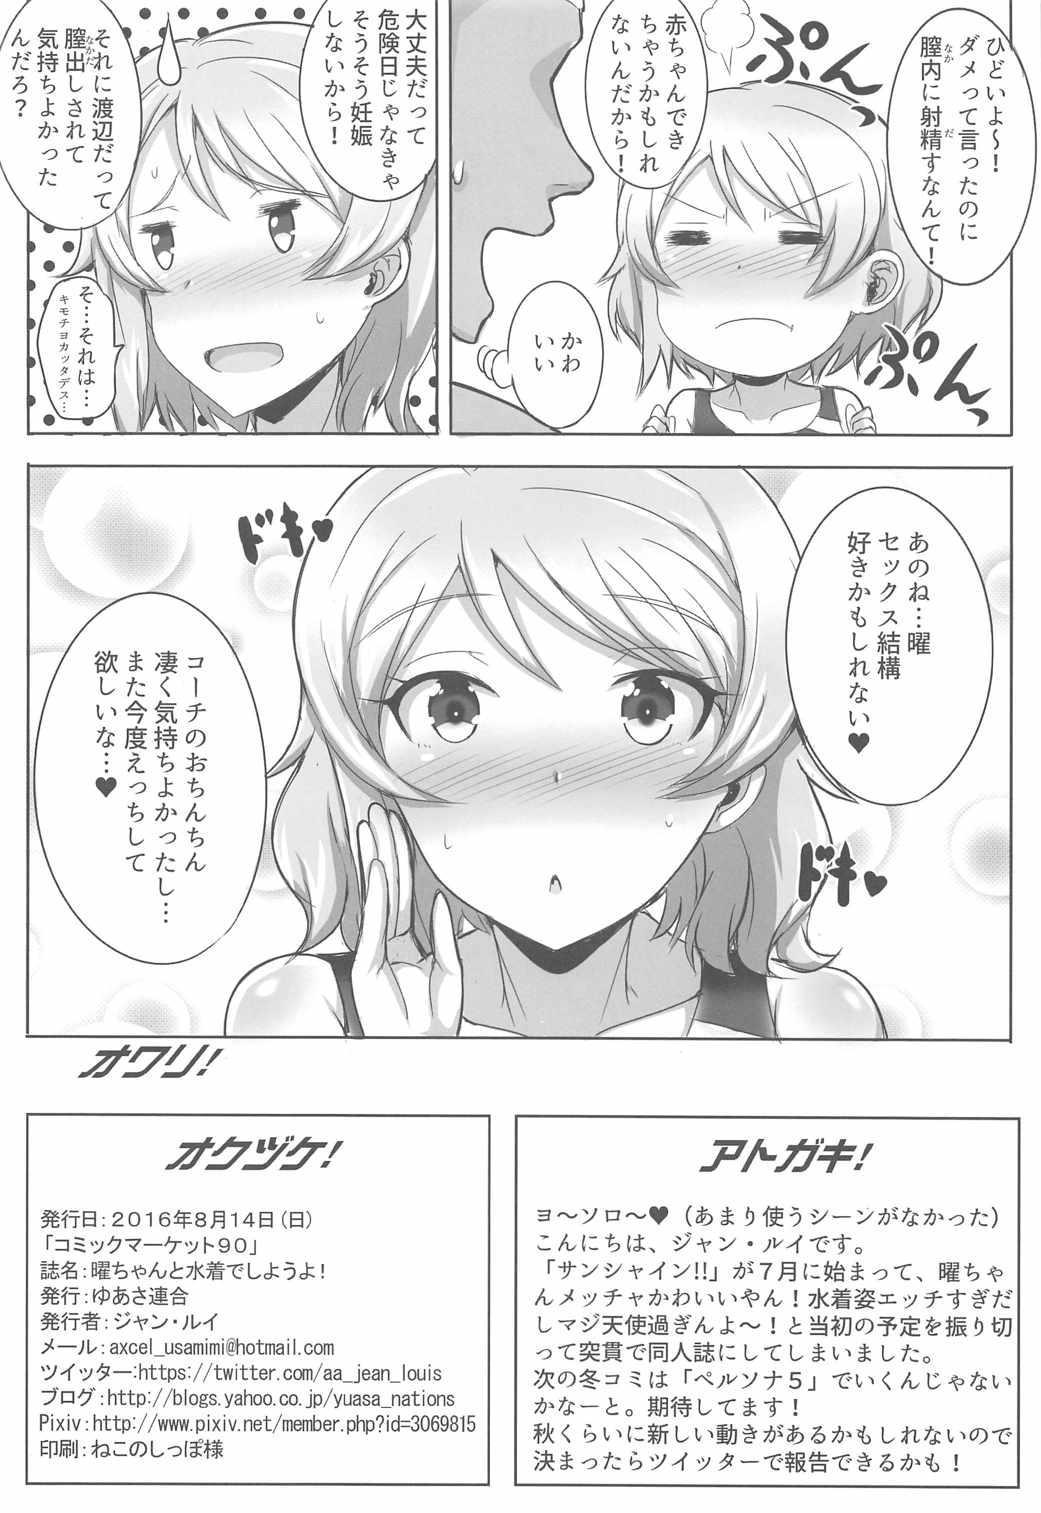 You-chan to Mizugi de Shiyou Yo! 16